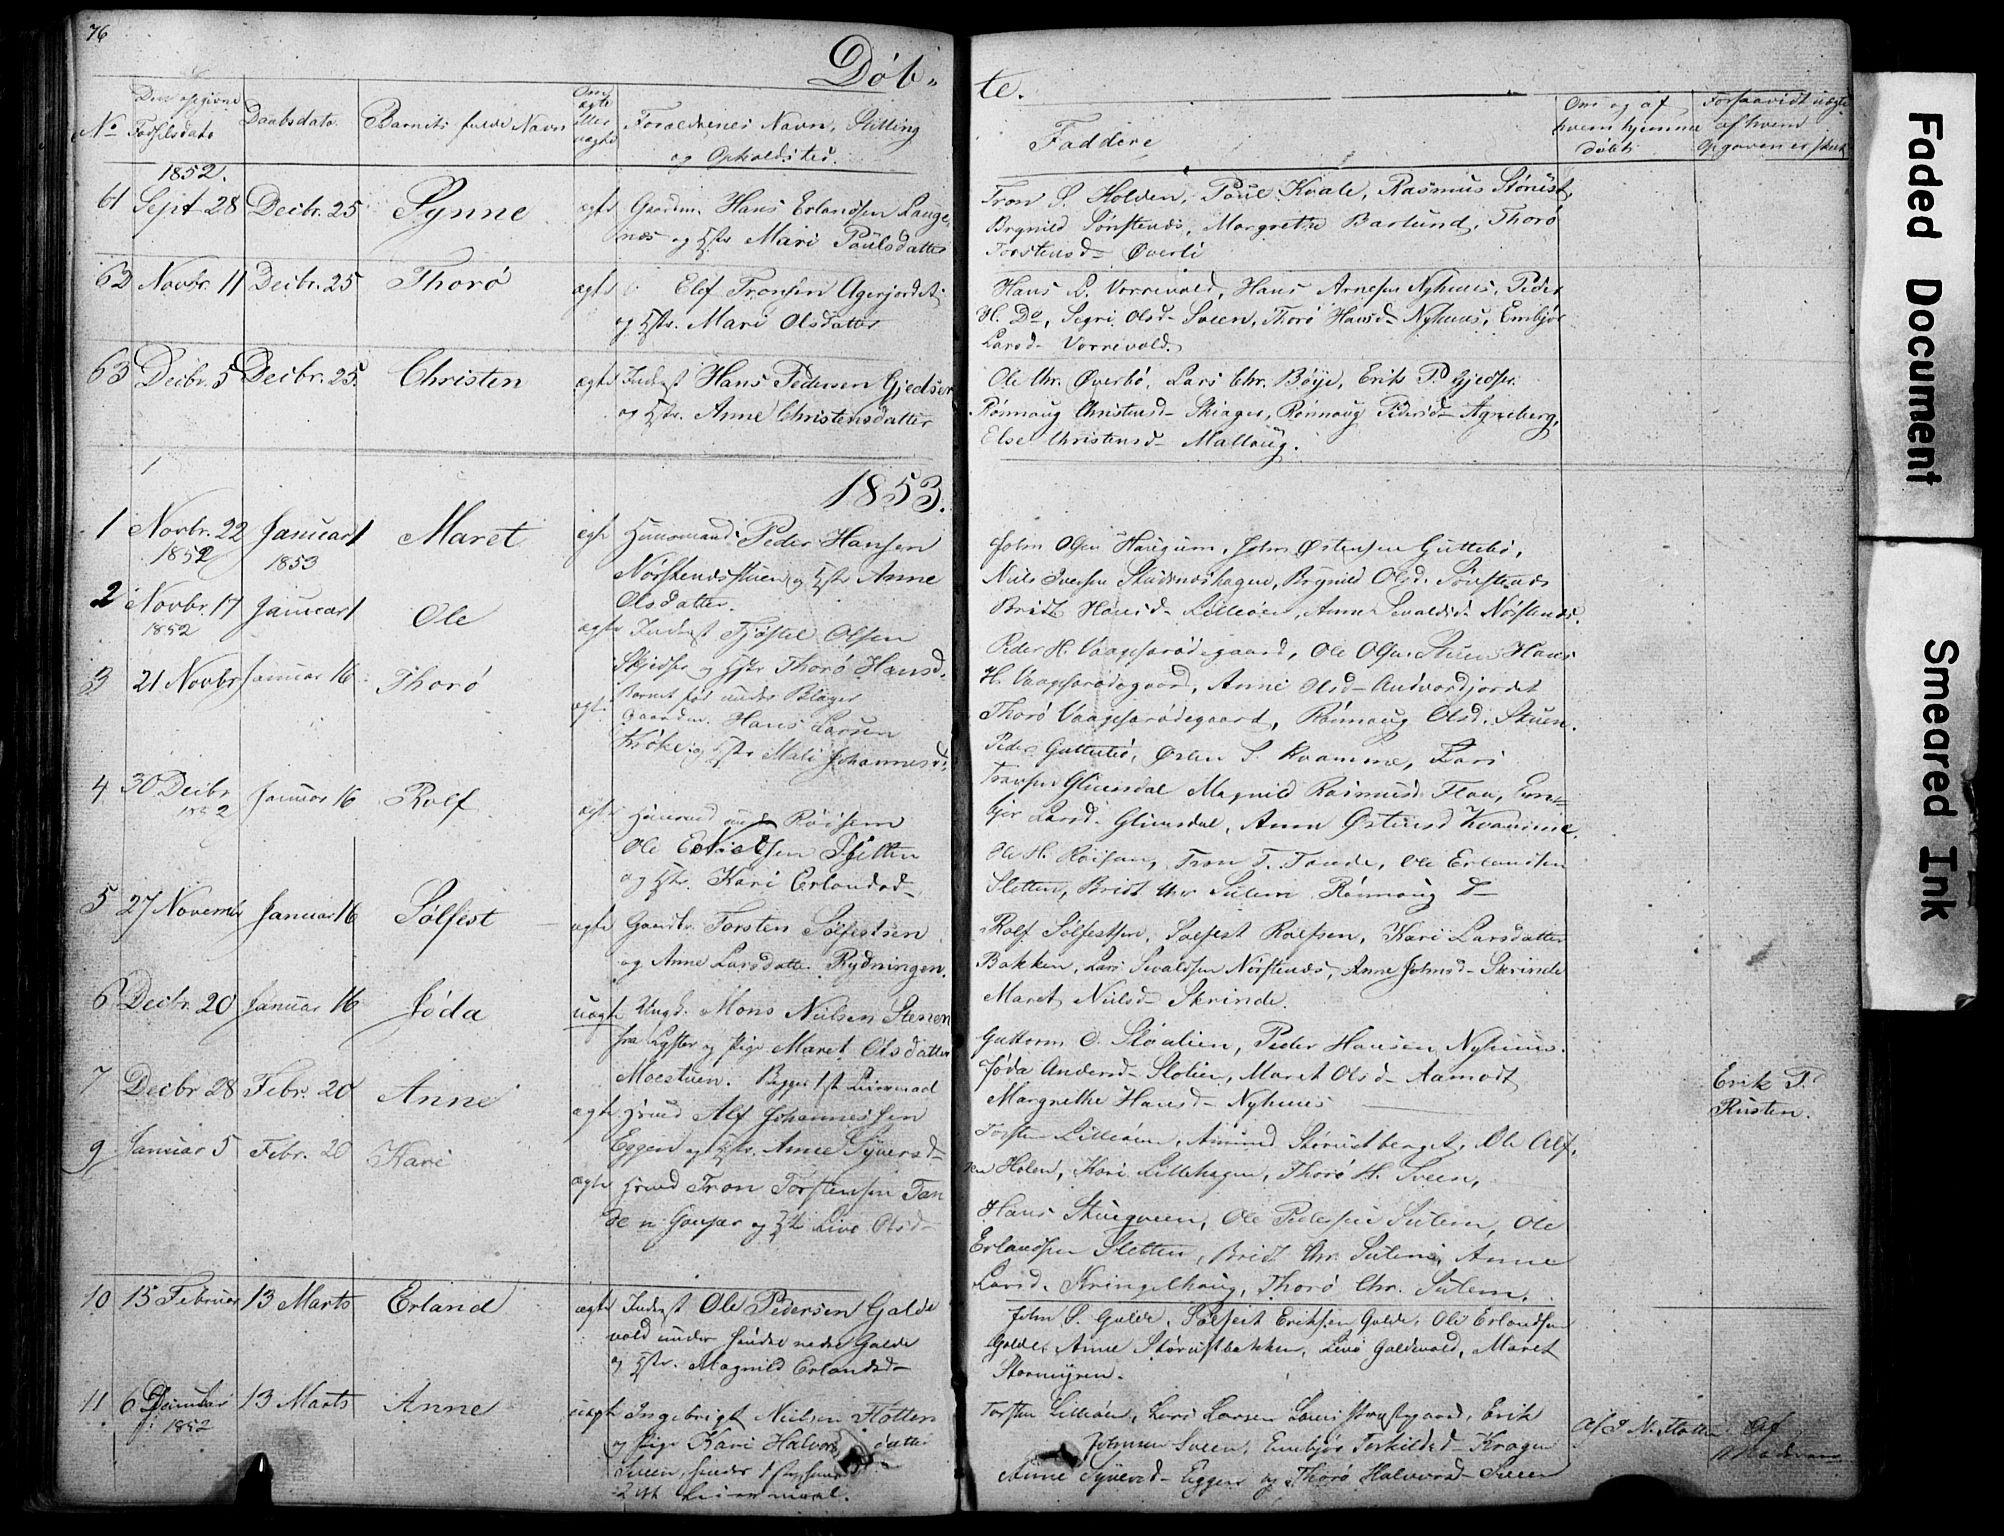 SAH, Lom prestekontor, L/L0012: Klokkerbok nr. 12, 1845-1873, s. 76-77